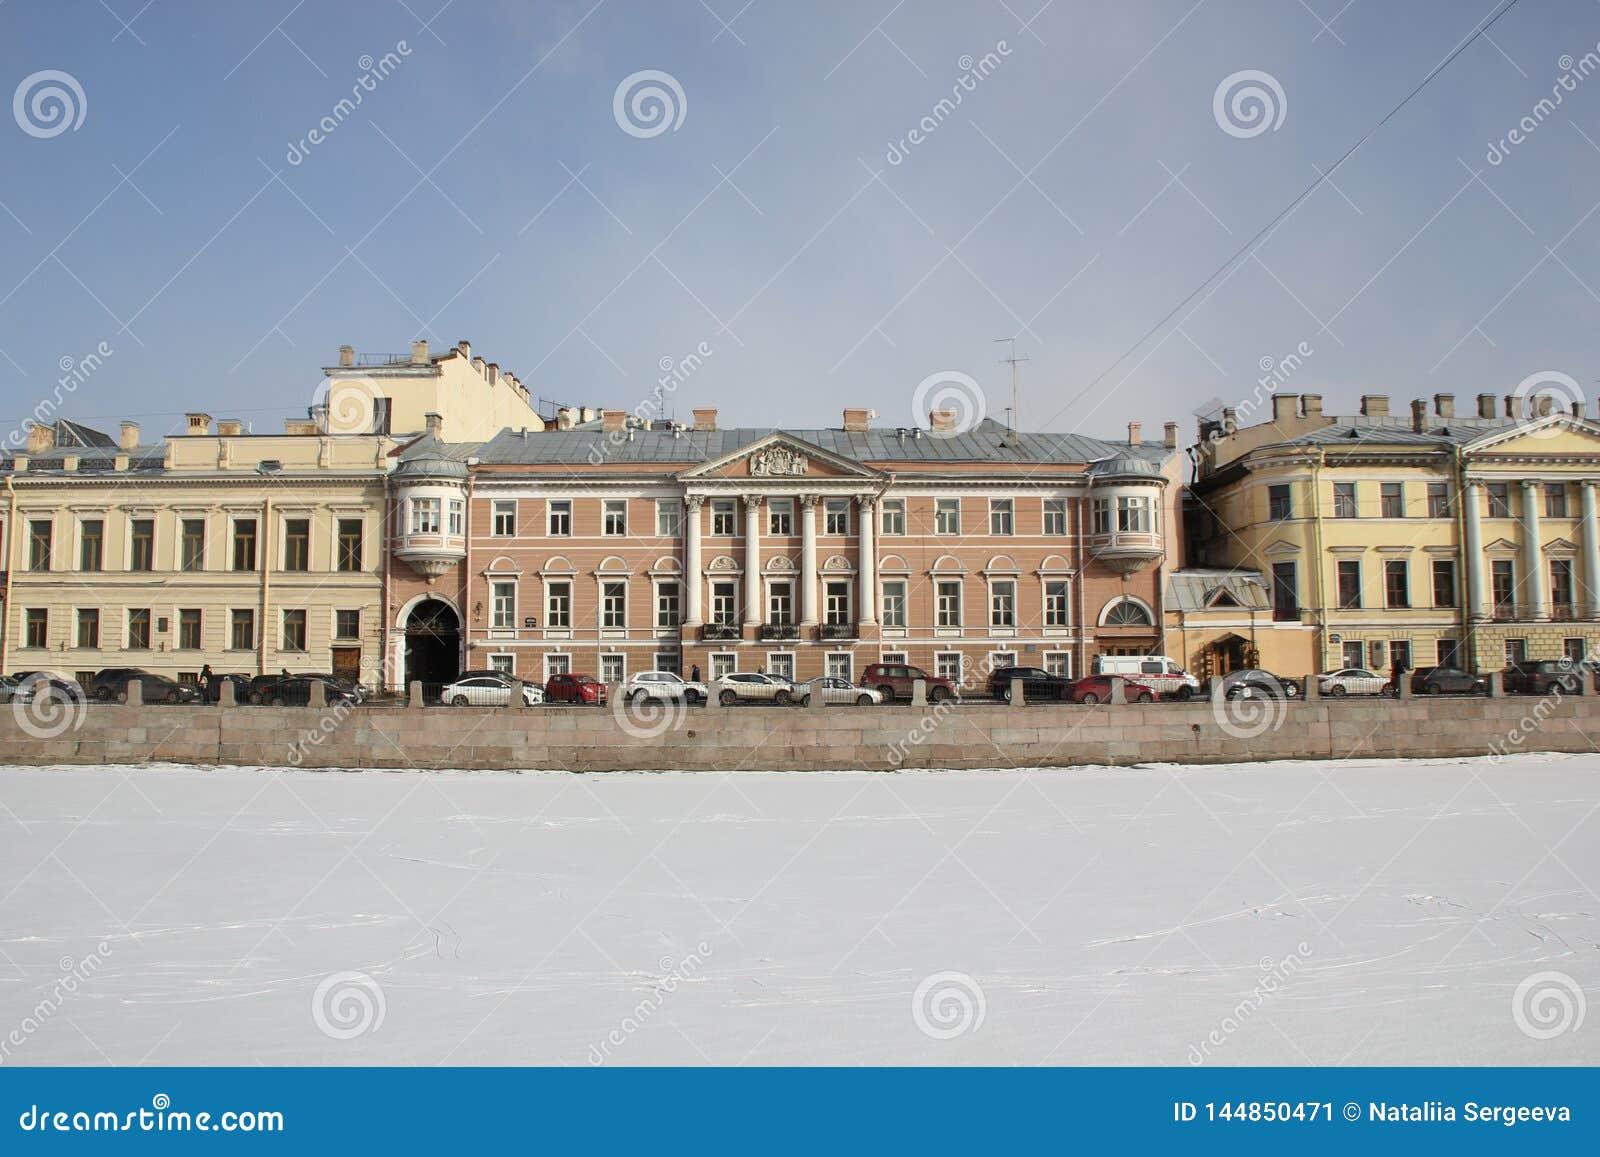 Huizen op Fontanka-dijk in de winter in St. Petersburg, Rusland